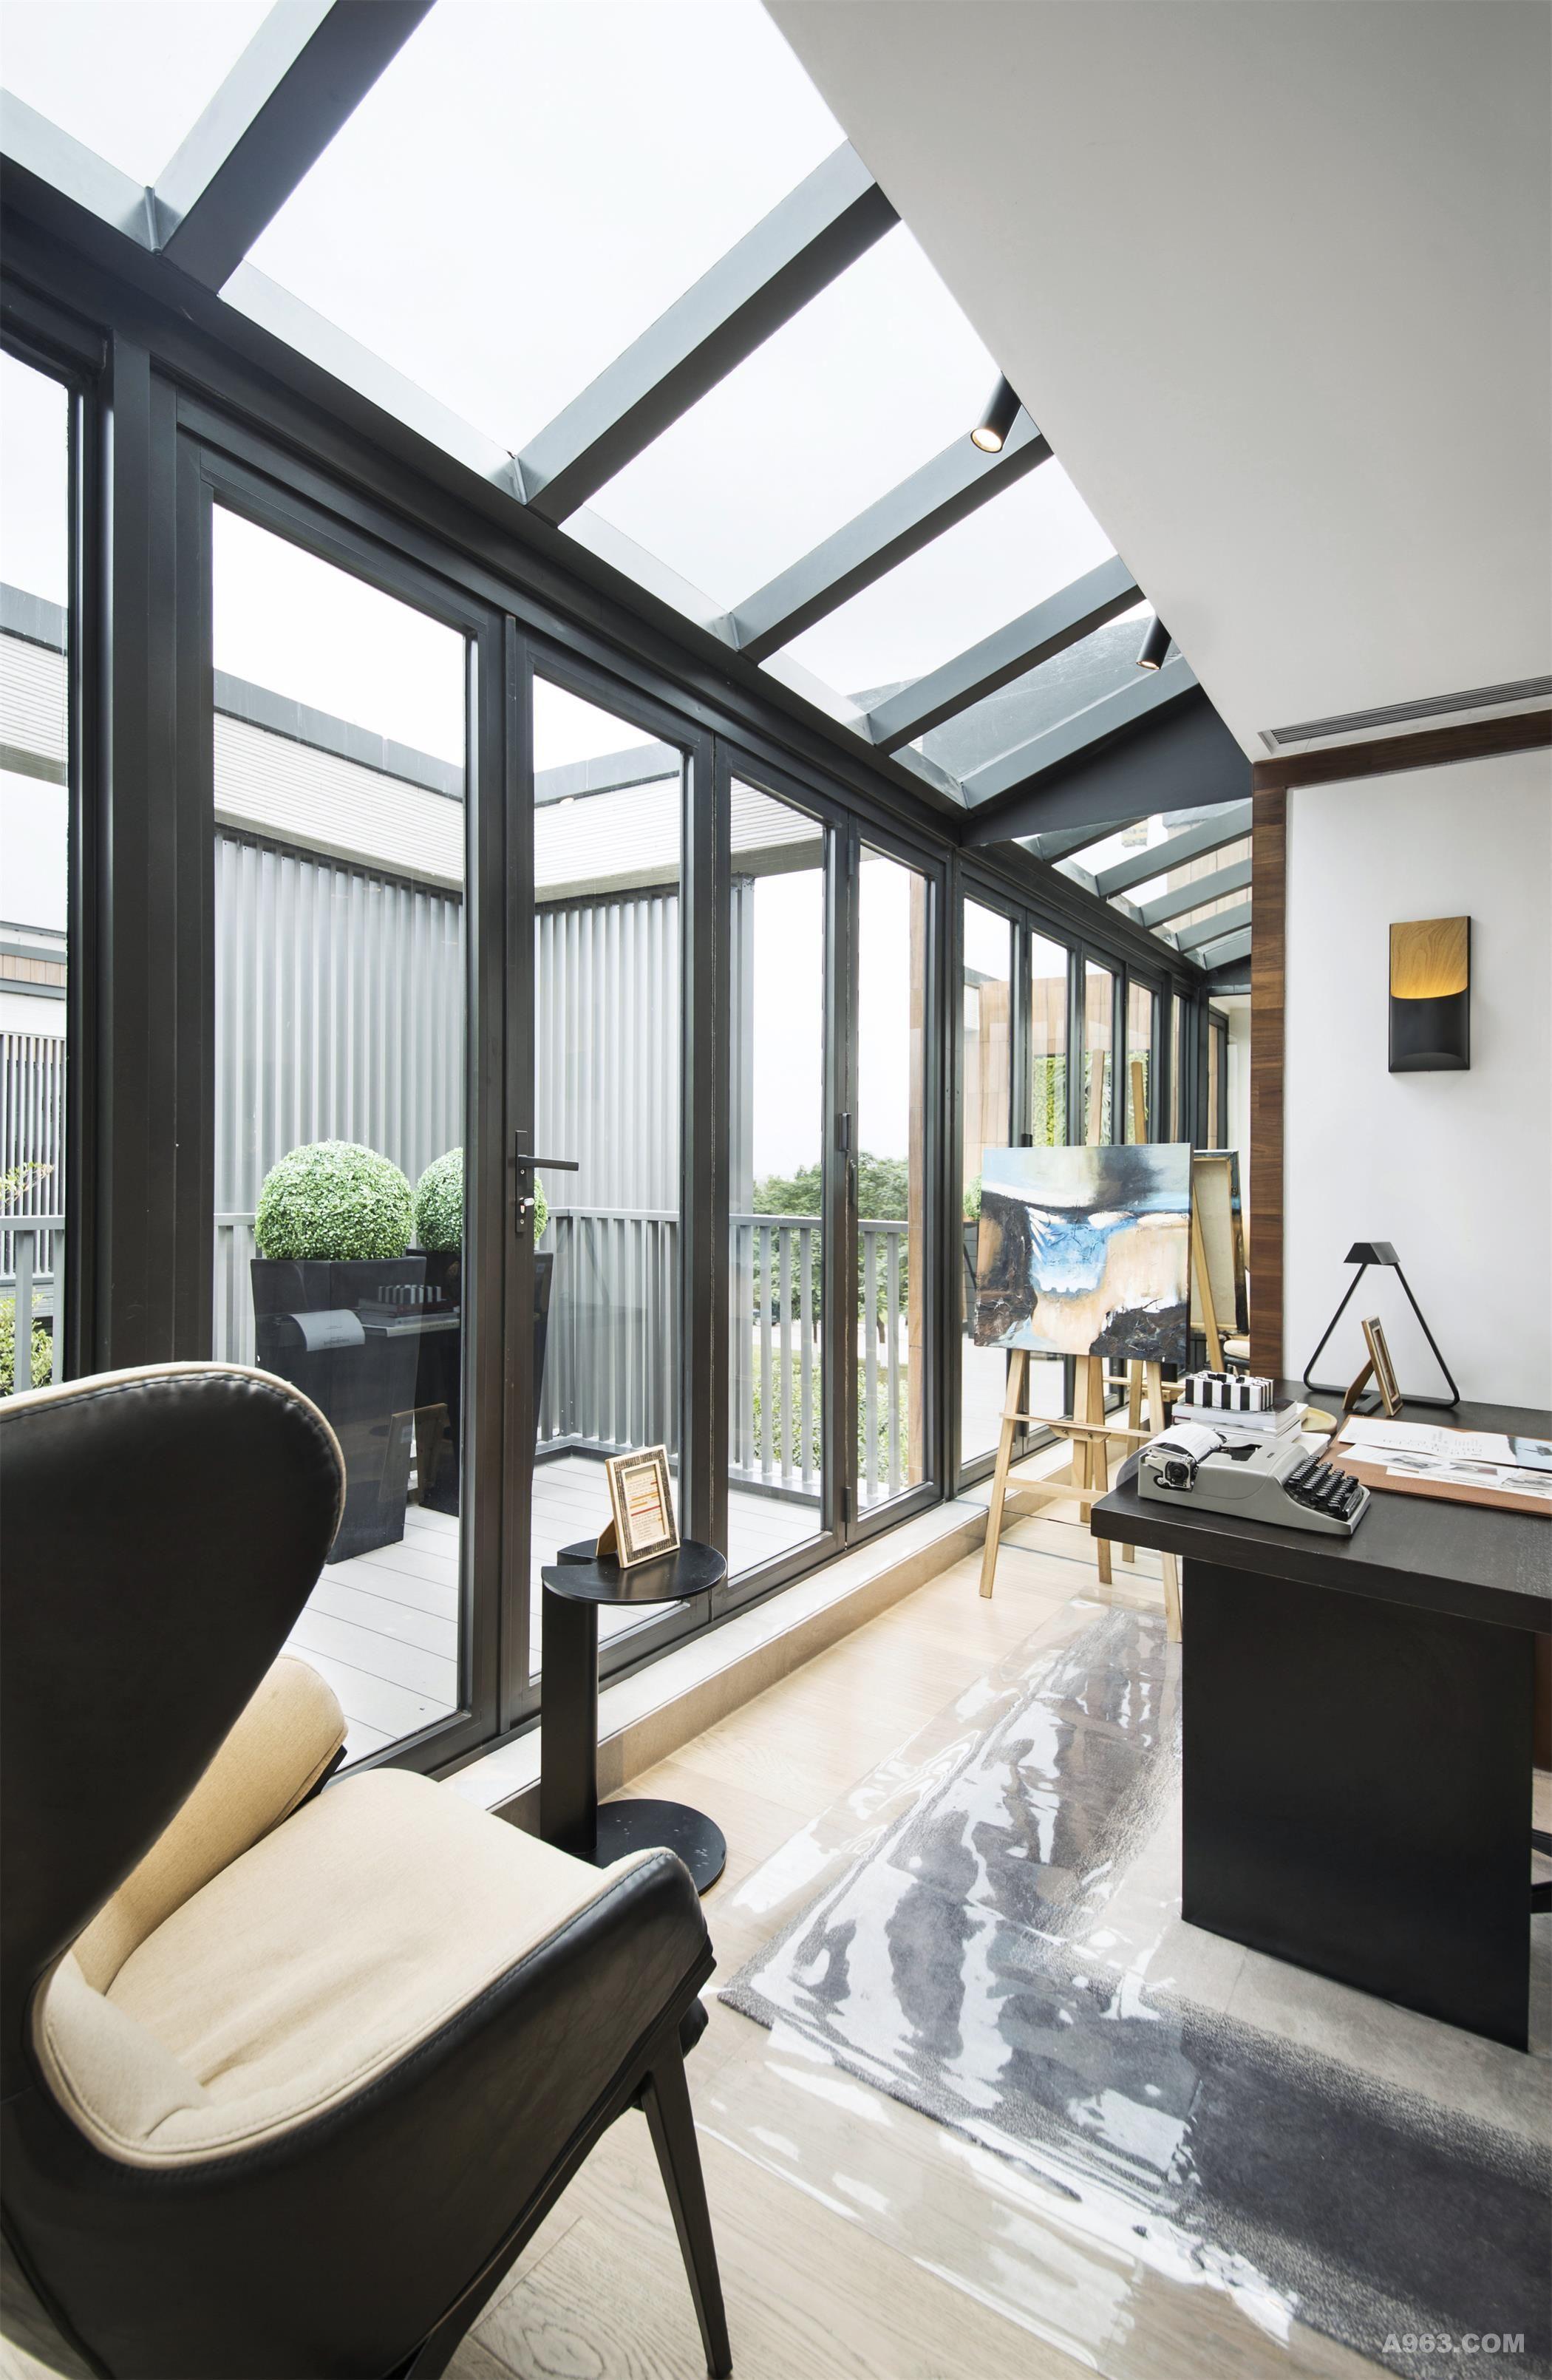 广州名艺佳装饰设计有限公司设计作品案例